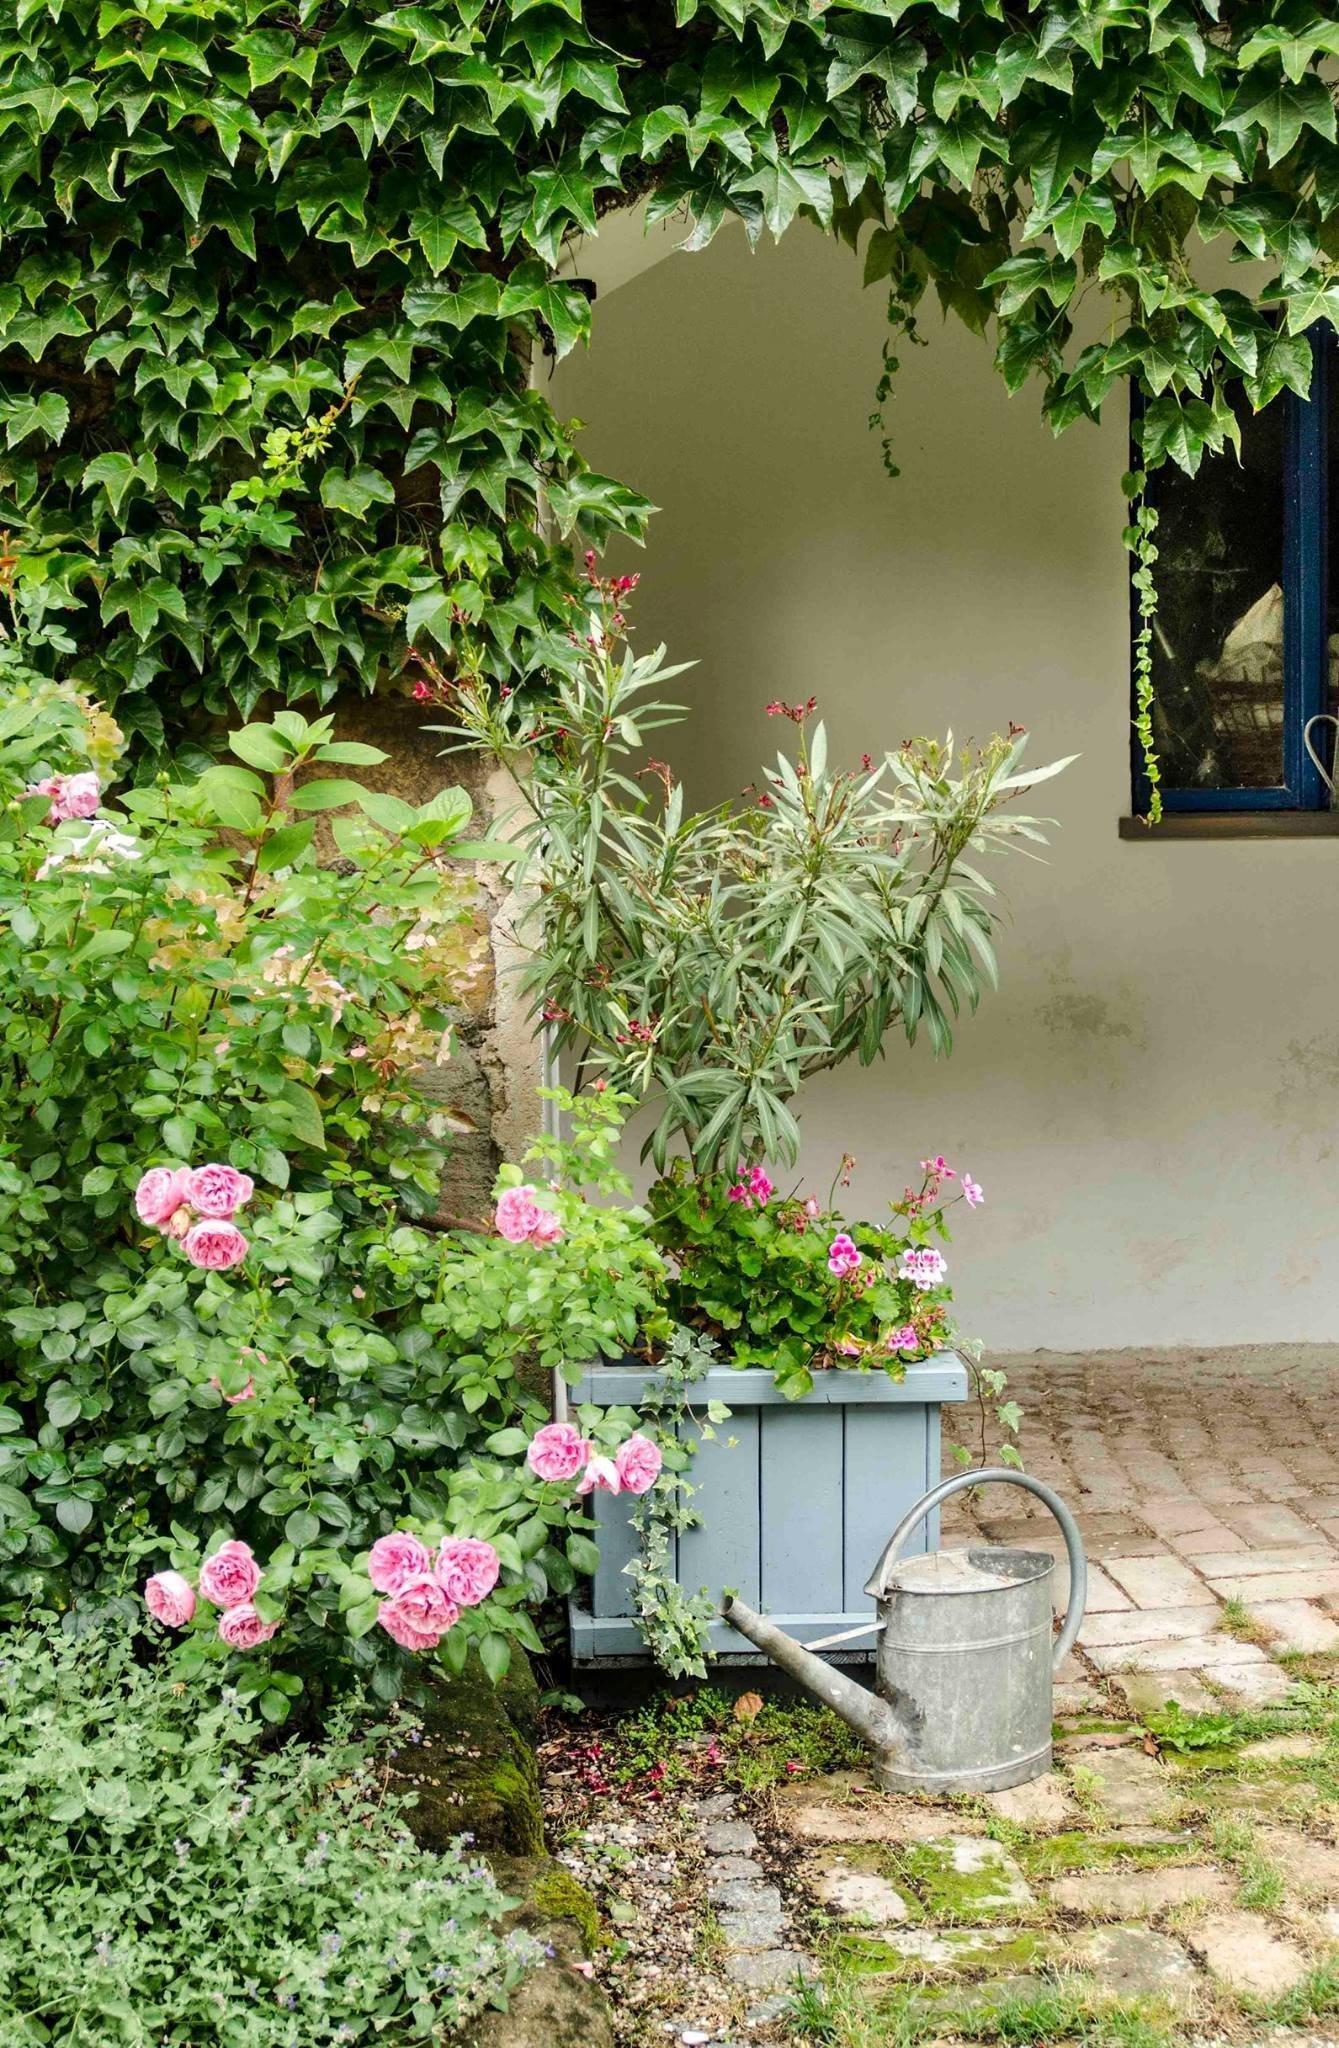 Poměřovat kvalitu je přirozenou lidskou vlastností. I tvorba v zahrad má v České republice svého Českého lva či Zlatého slavíka. Je jím soutěž Zahrada roku, kterou vyhlásil loni Svaz zakládání a údržby zeleně již po čtrnácté